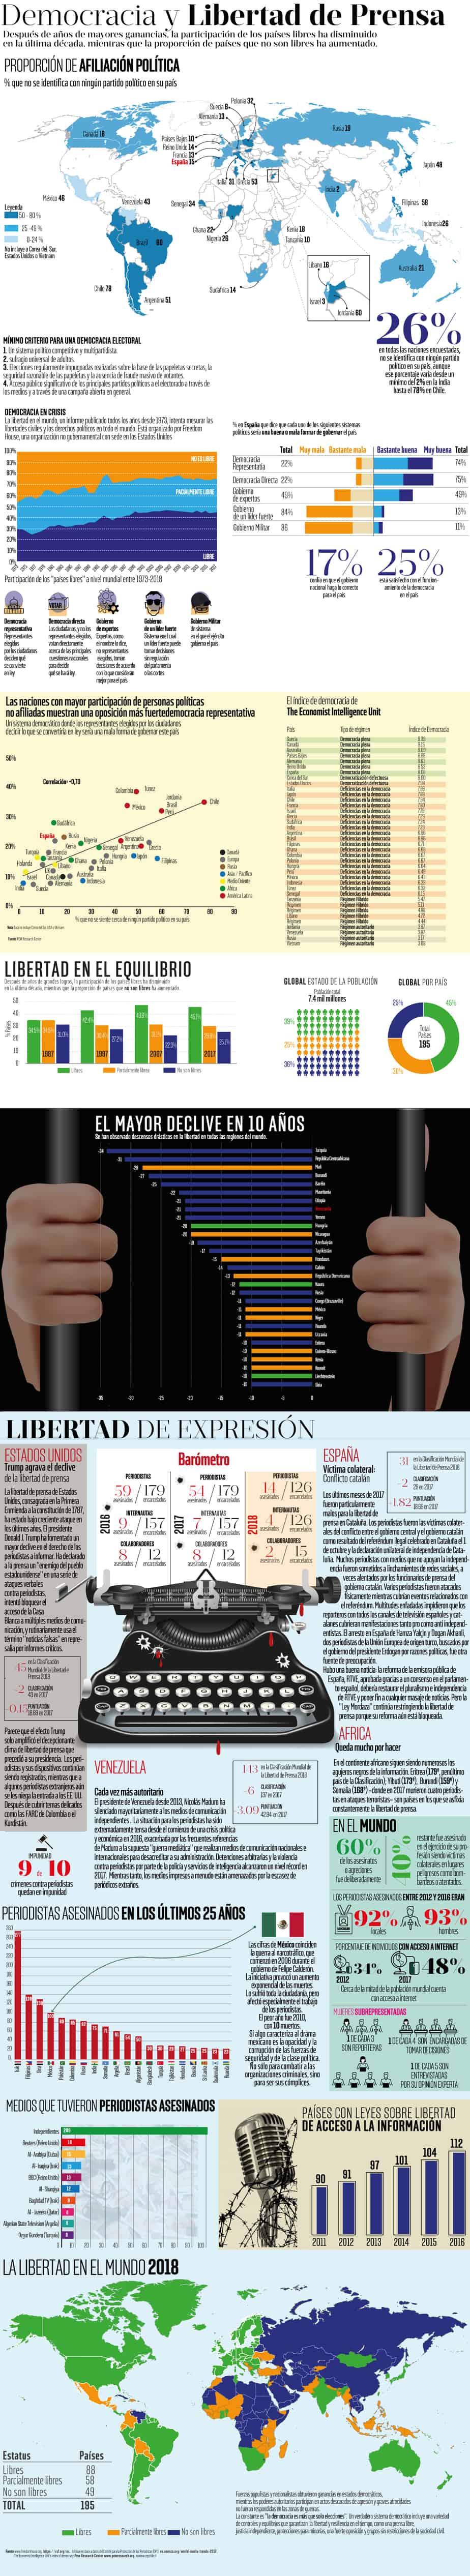 Infografía: Día de la Libertad de Prensa 2018